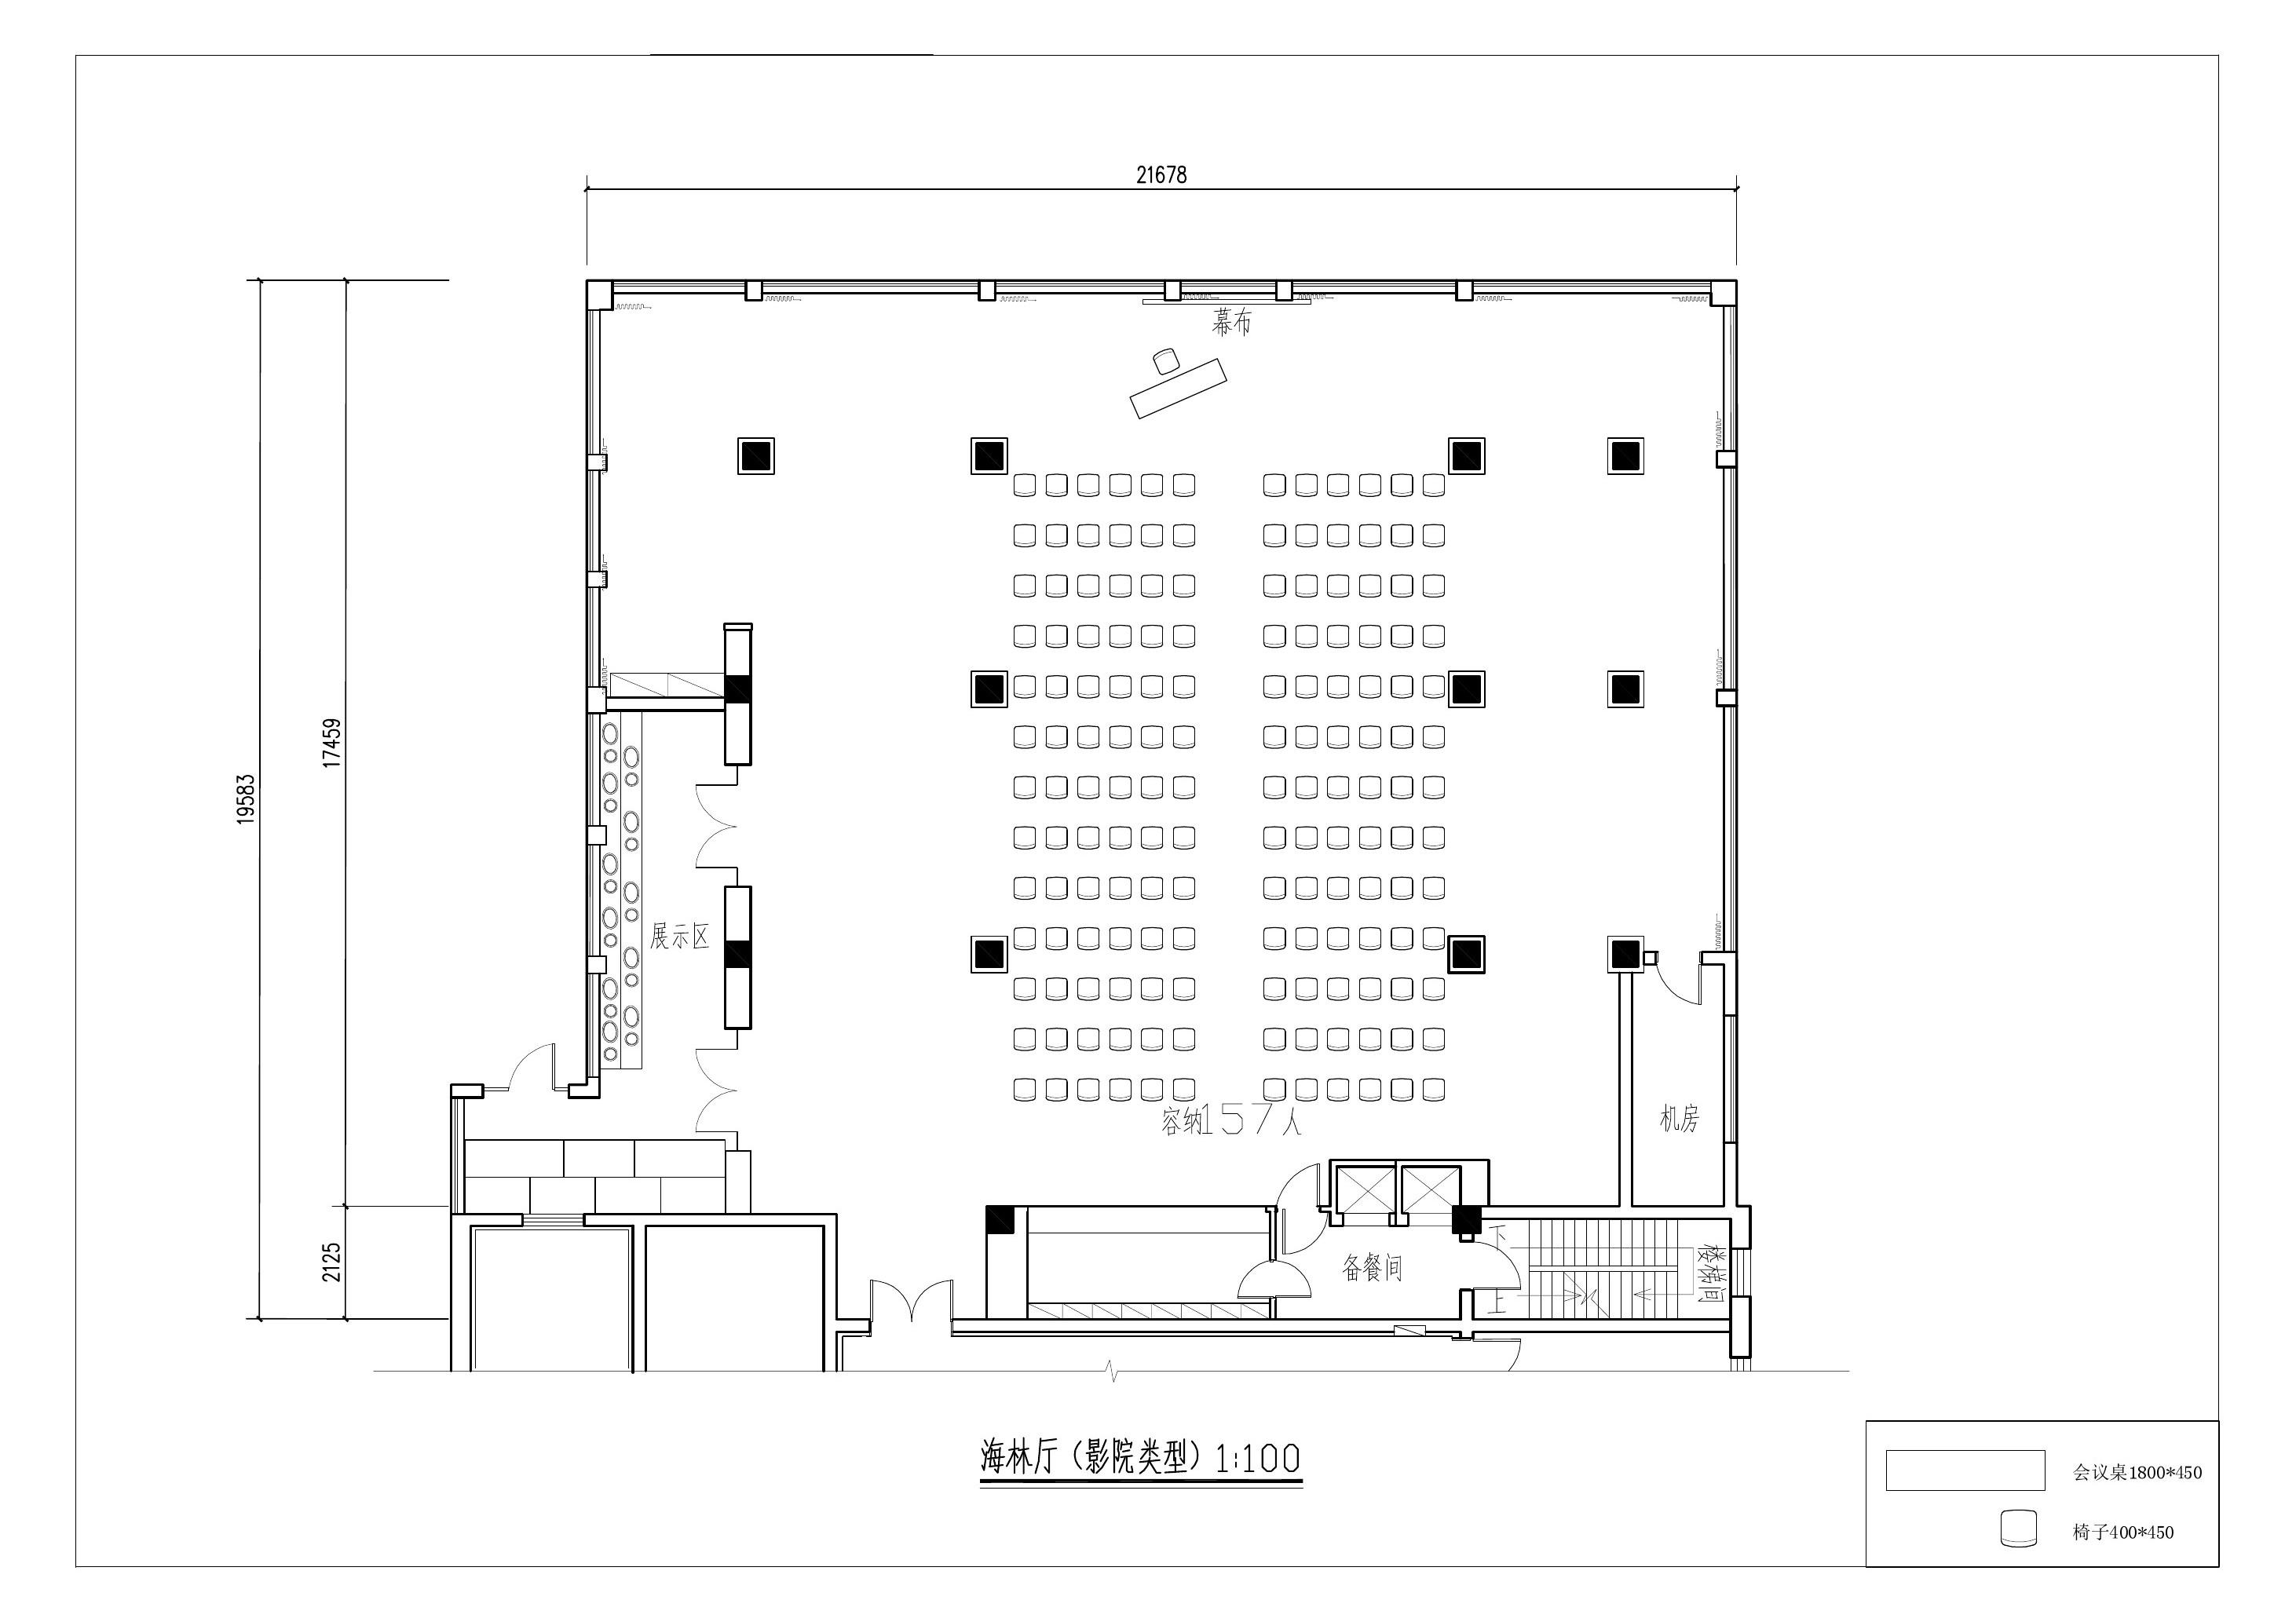 海林厅影院平面布置图_modified.jpg